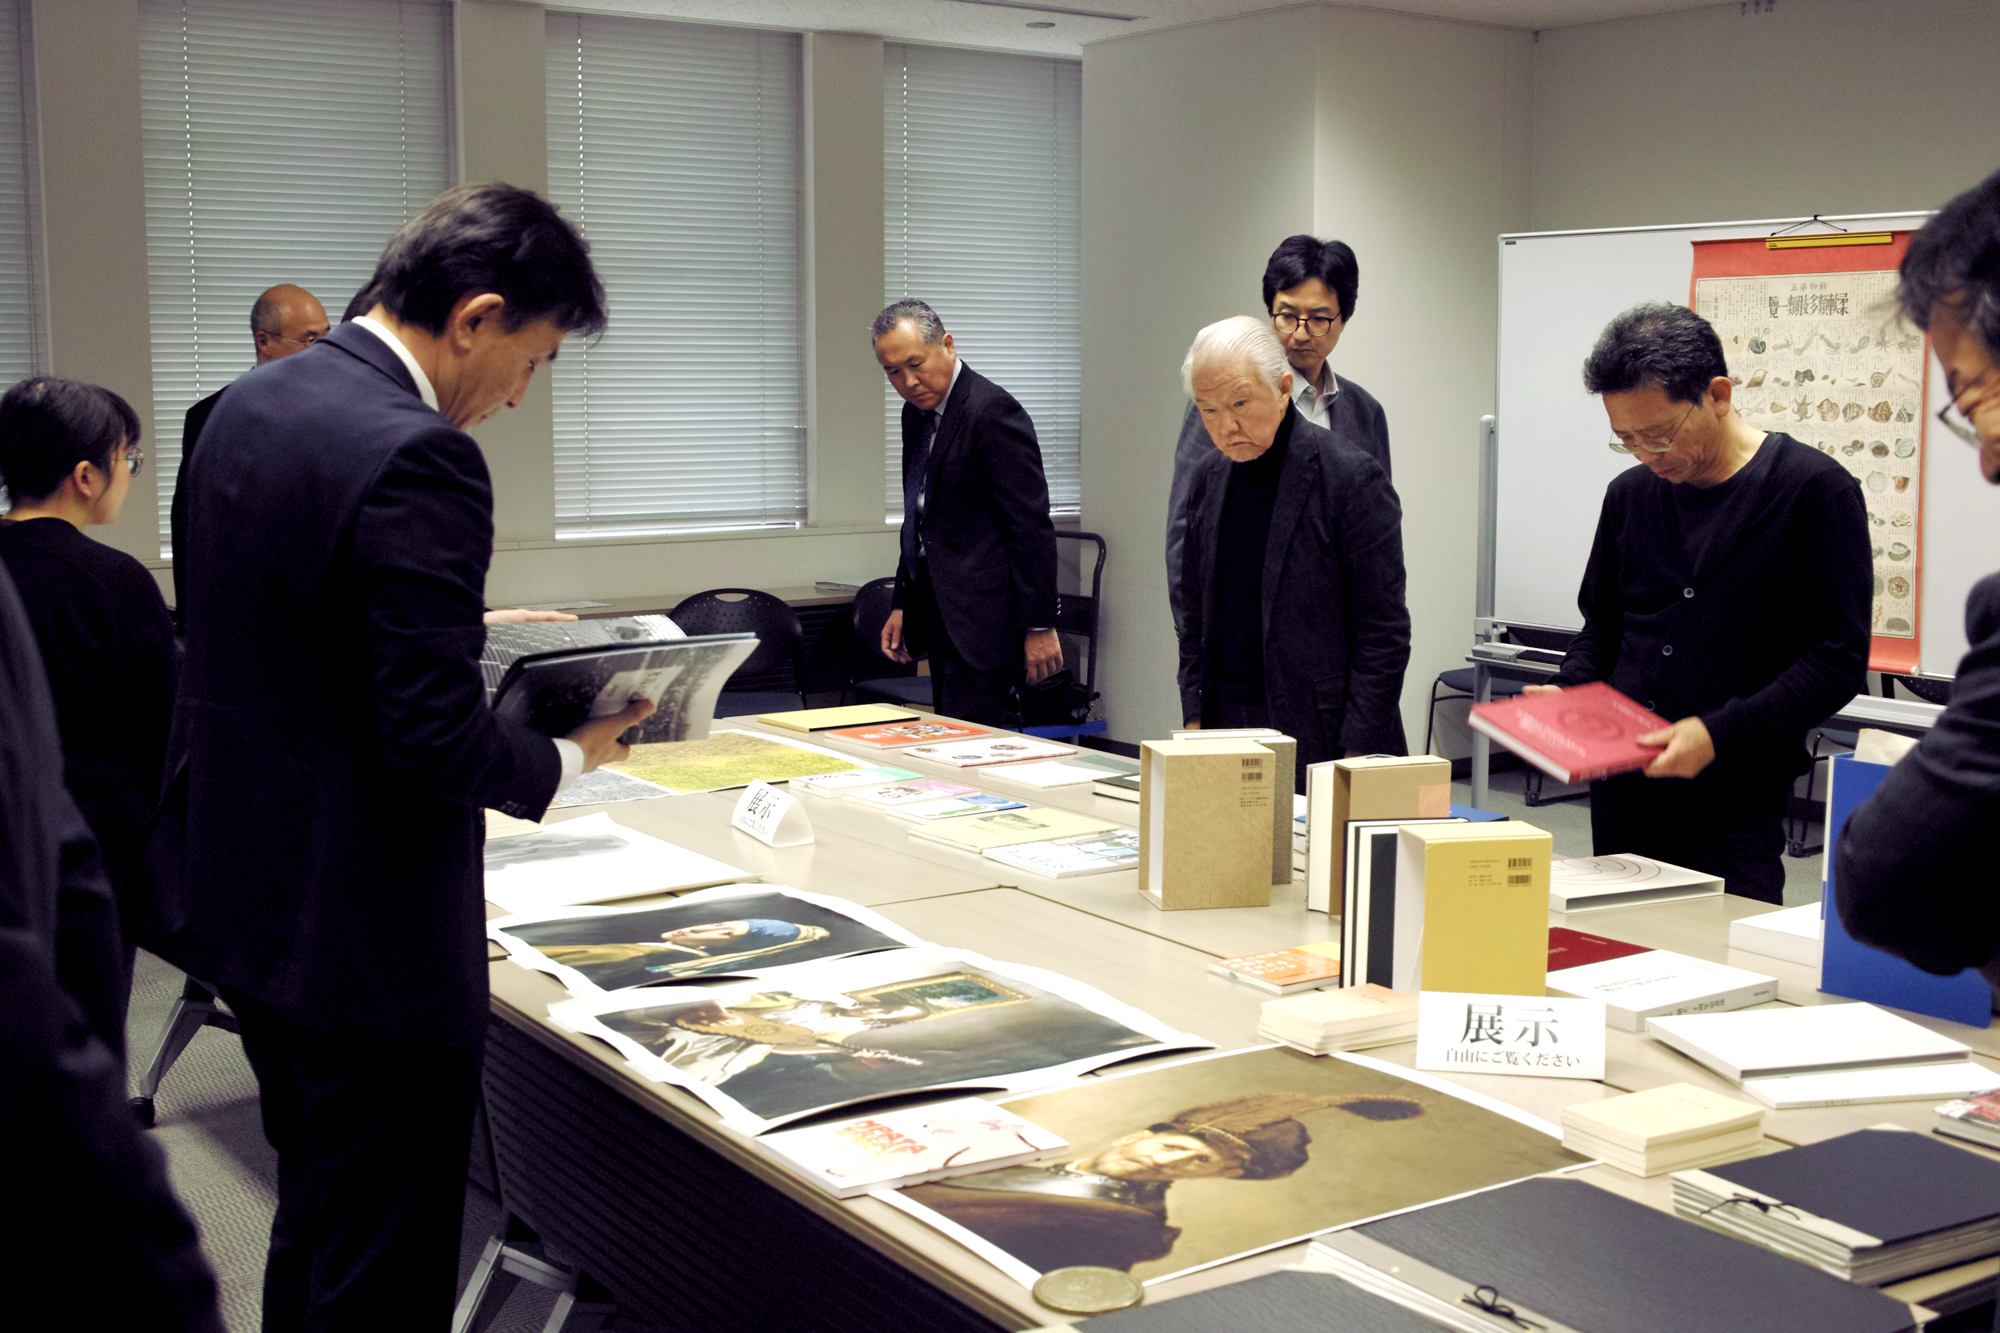 11月16日の企業アーカイブセミナーで展示された社史や現物資料の数々